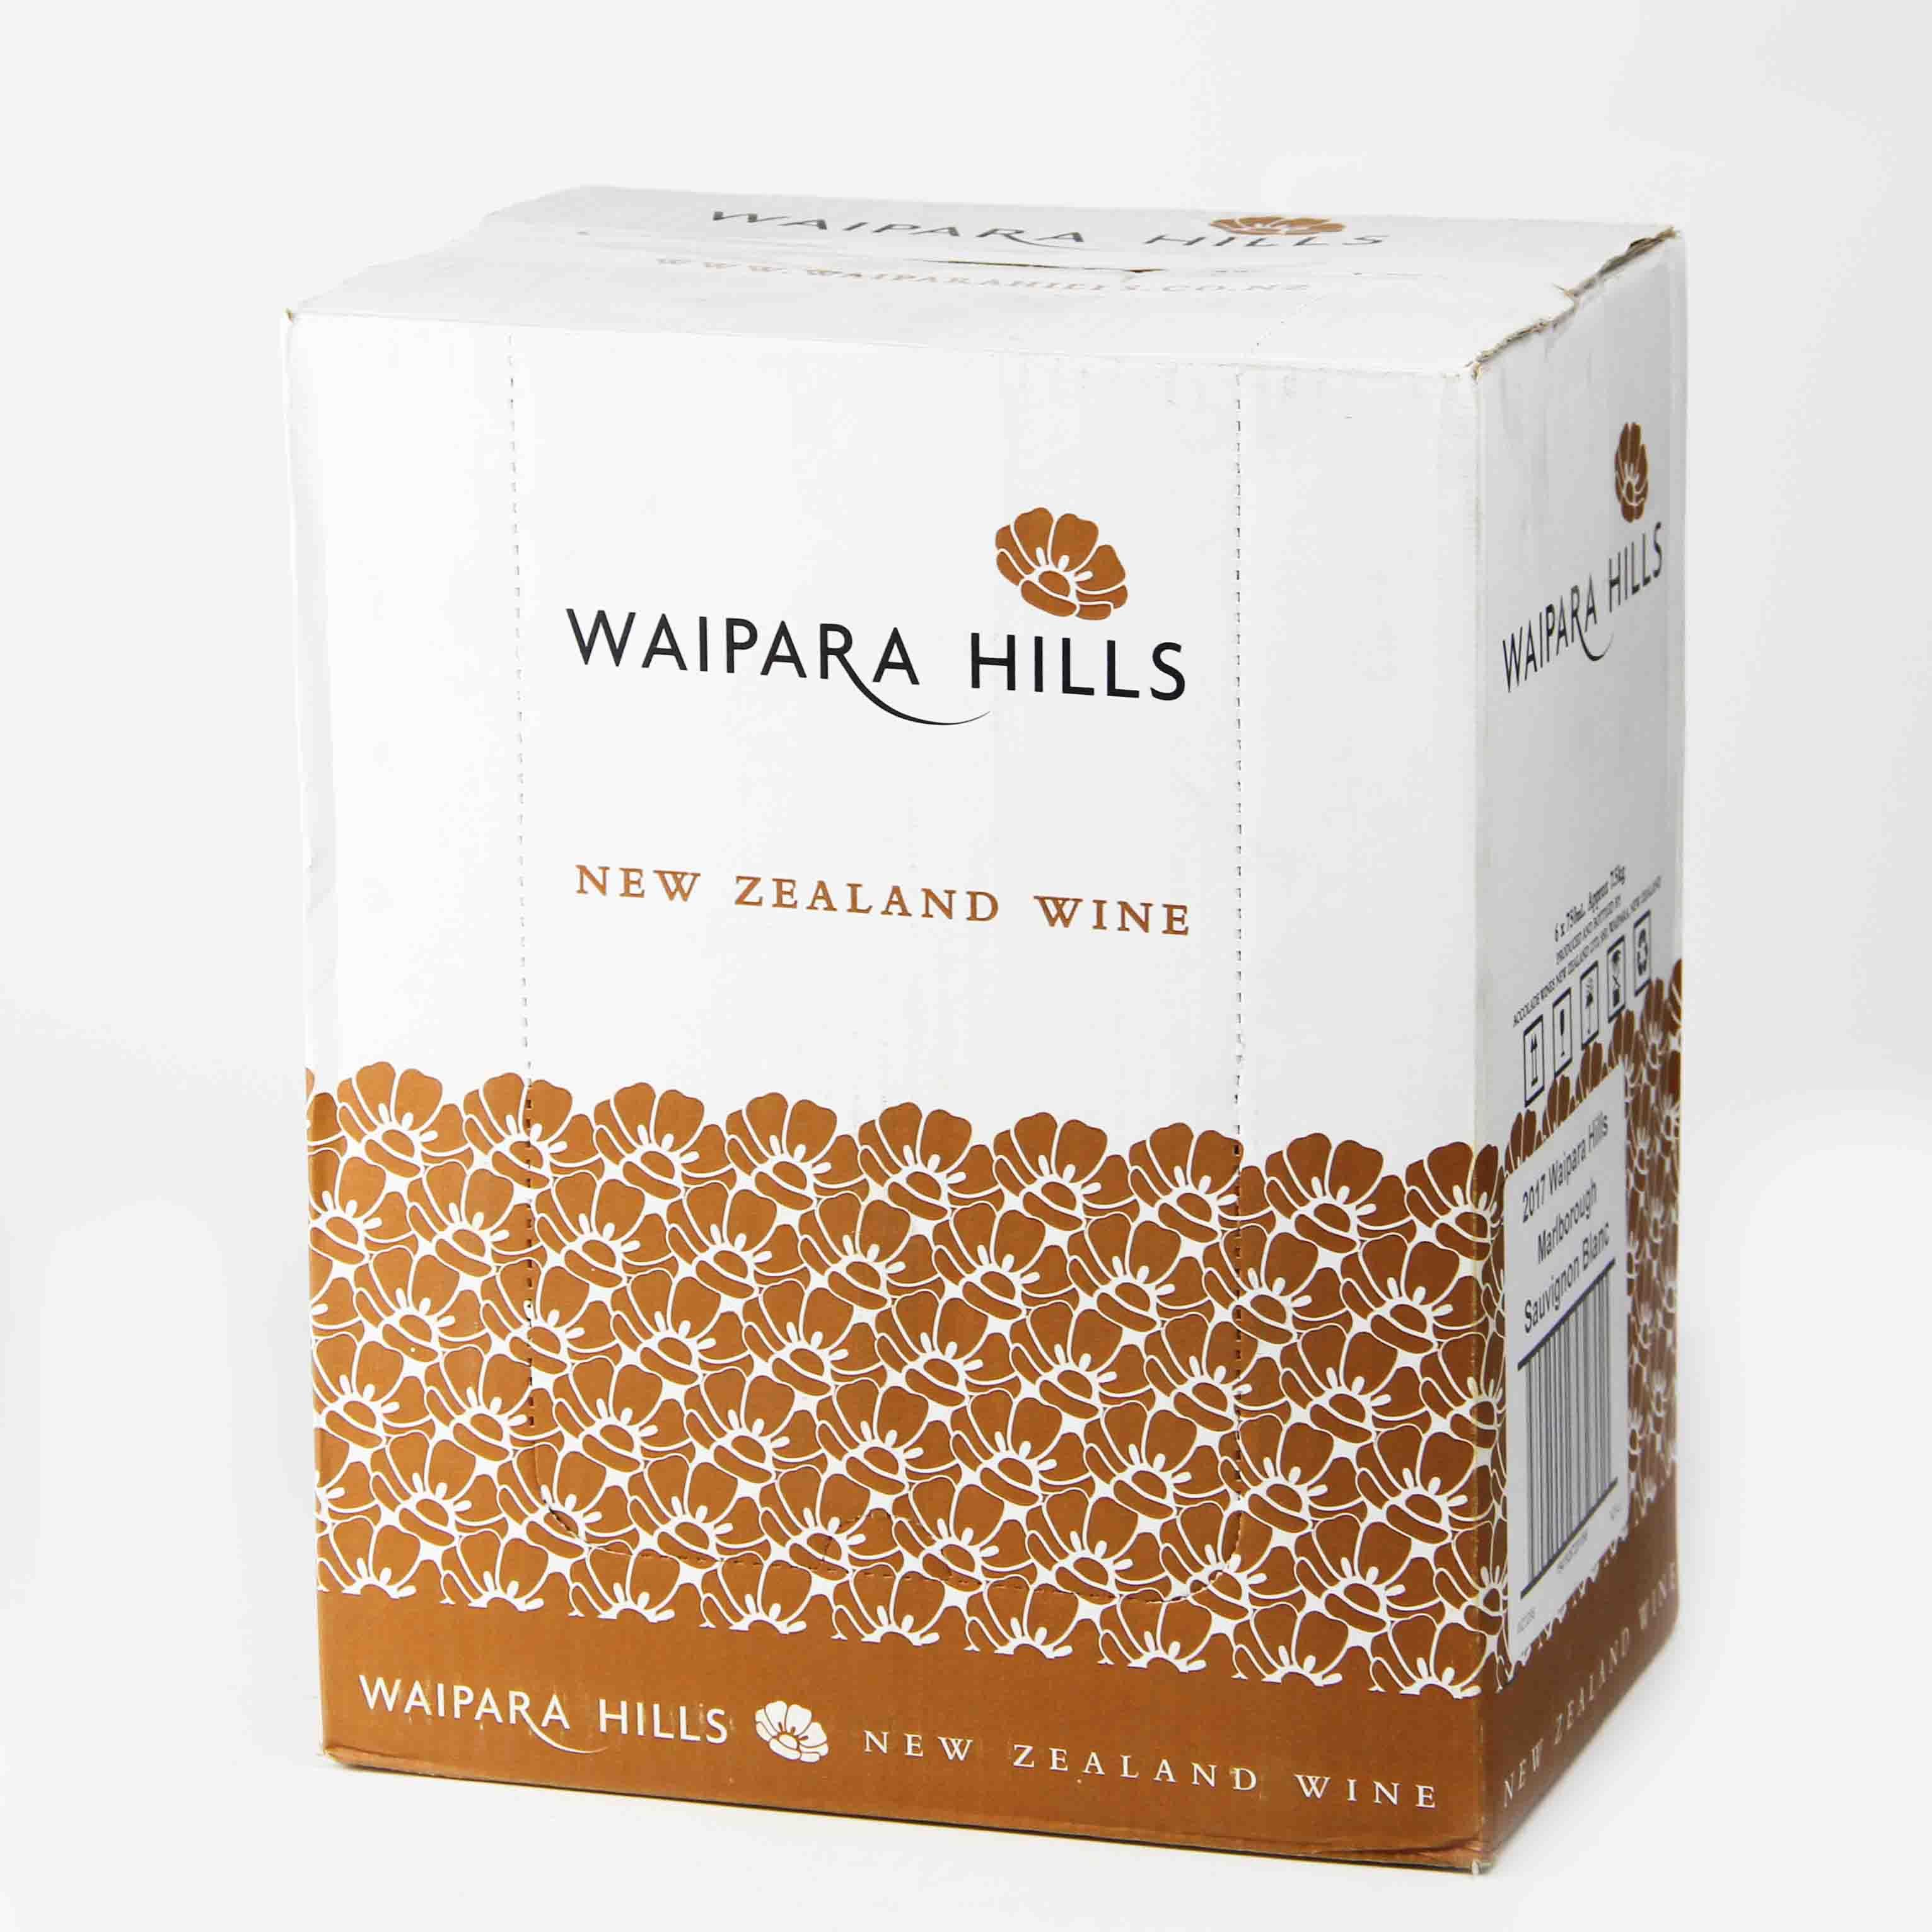 新西兰马尔堡怀帕拉山丘马尔堡长相思干白葡萄酒